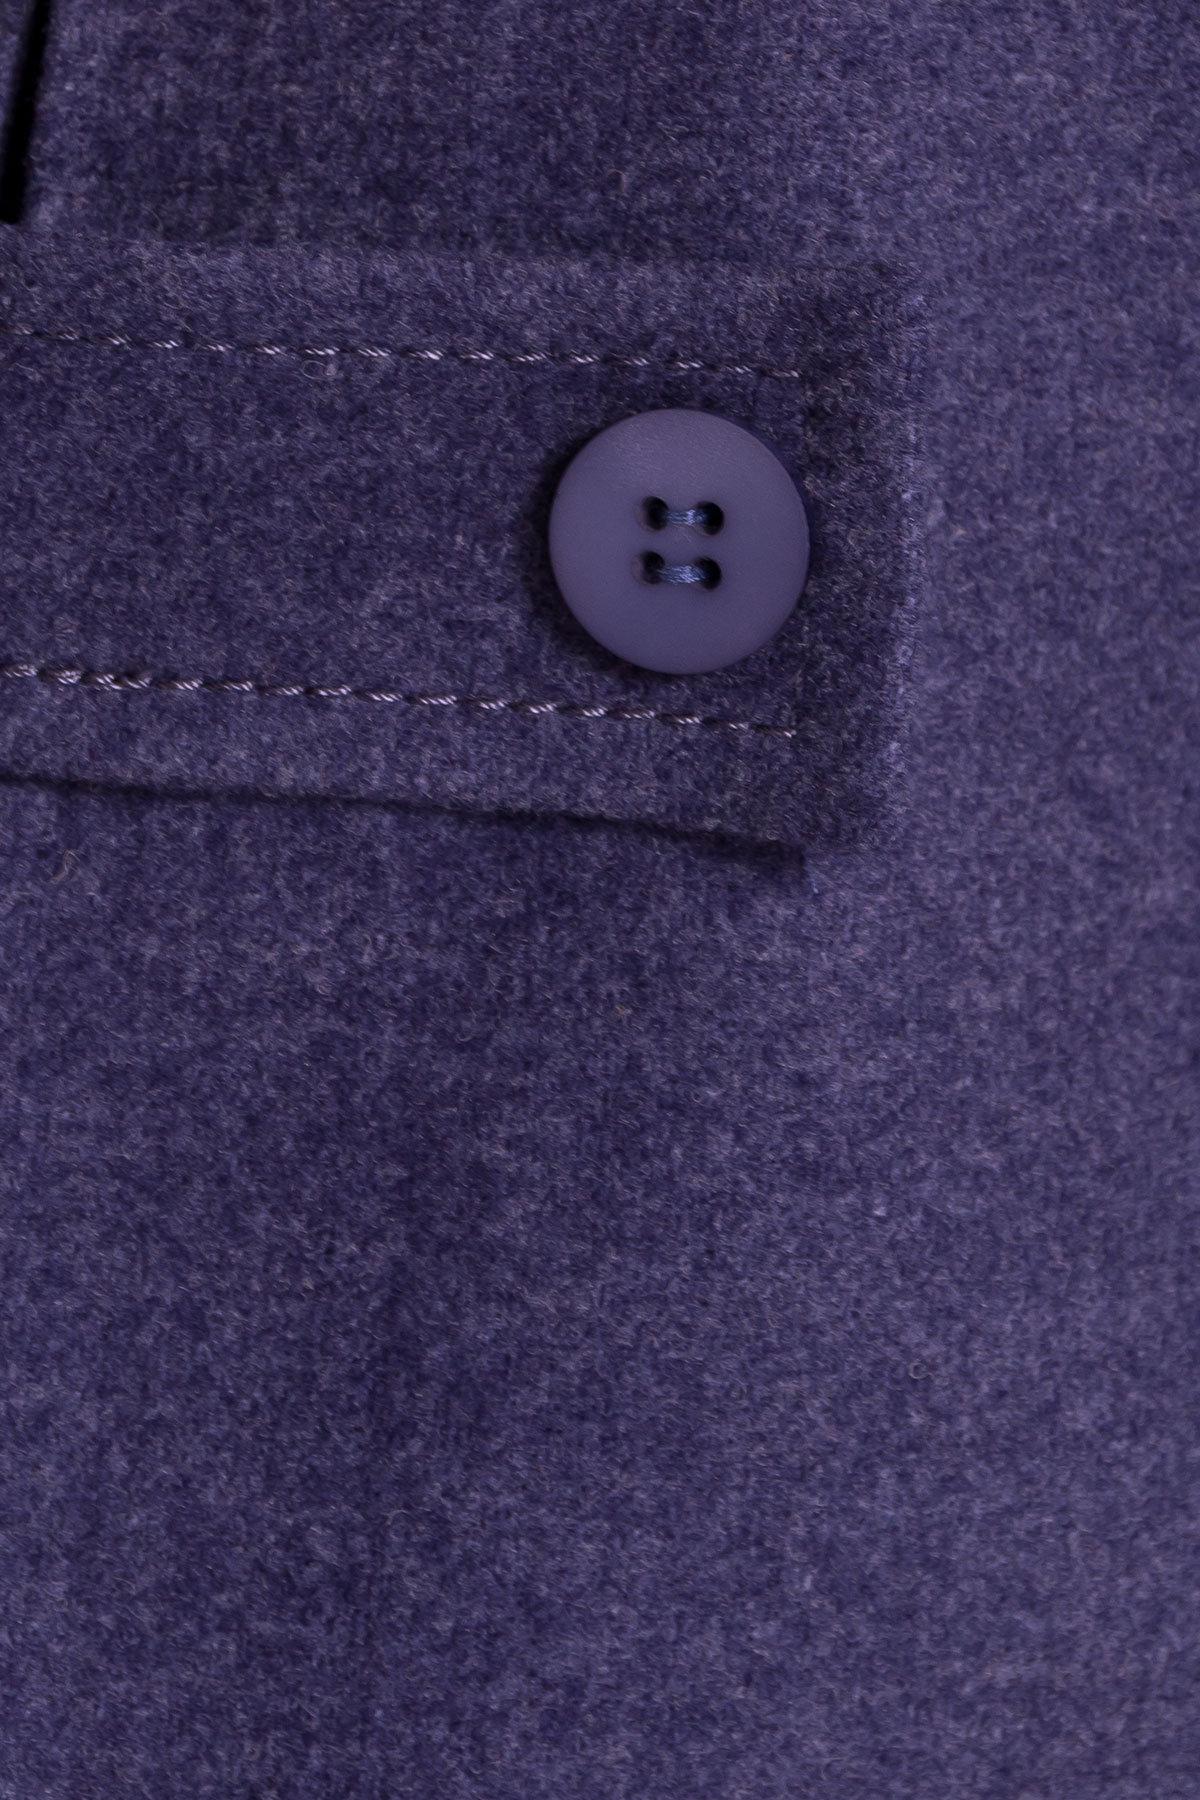 Демисезонное пальто трапеция в расцветках Латте 5429 АРТ. 36667 Цвет: Джинс - фото 5, интернет магазин tm-modus.ru